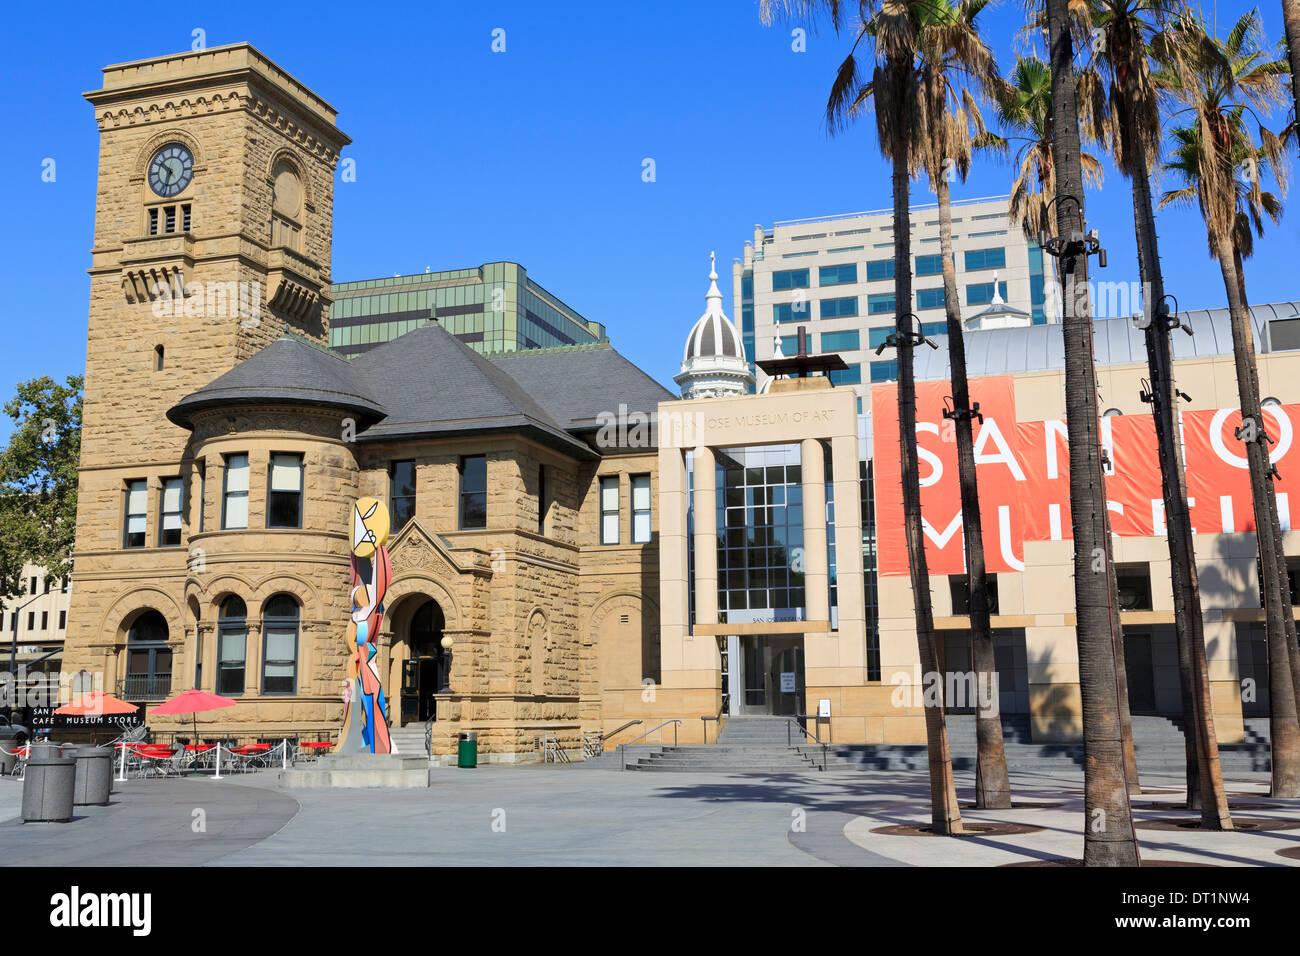 Museo de Arte de San Jose, California, Estados Unidos de América, América del Norte Imagen De Stock